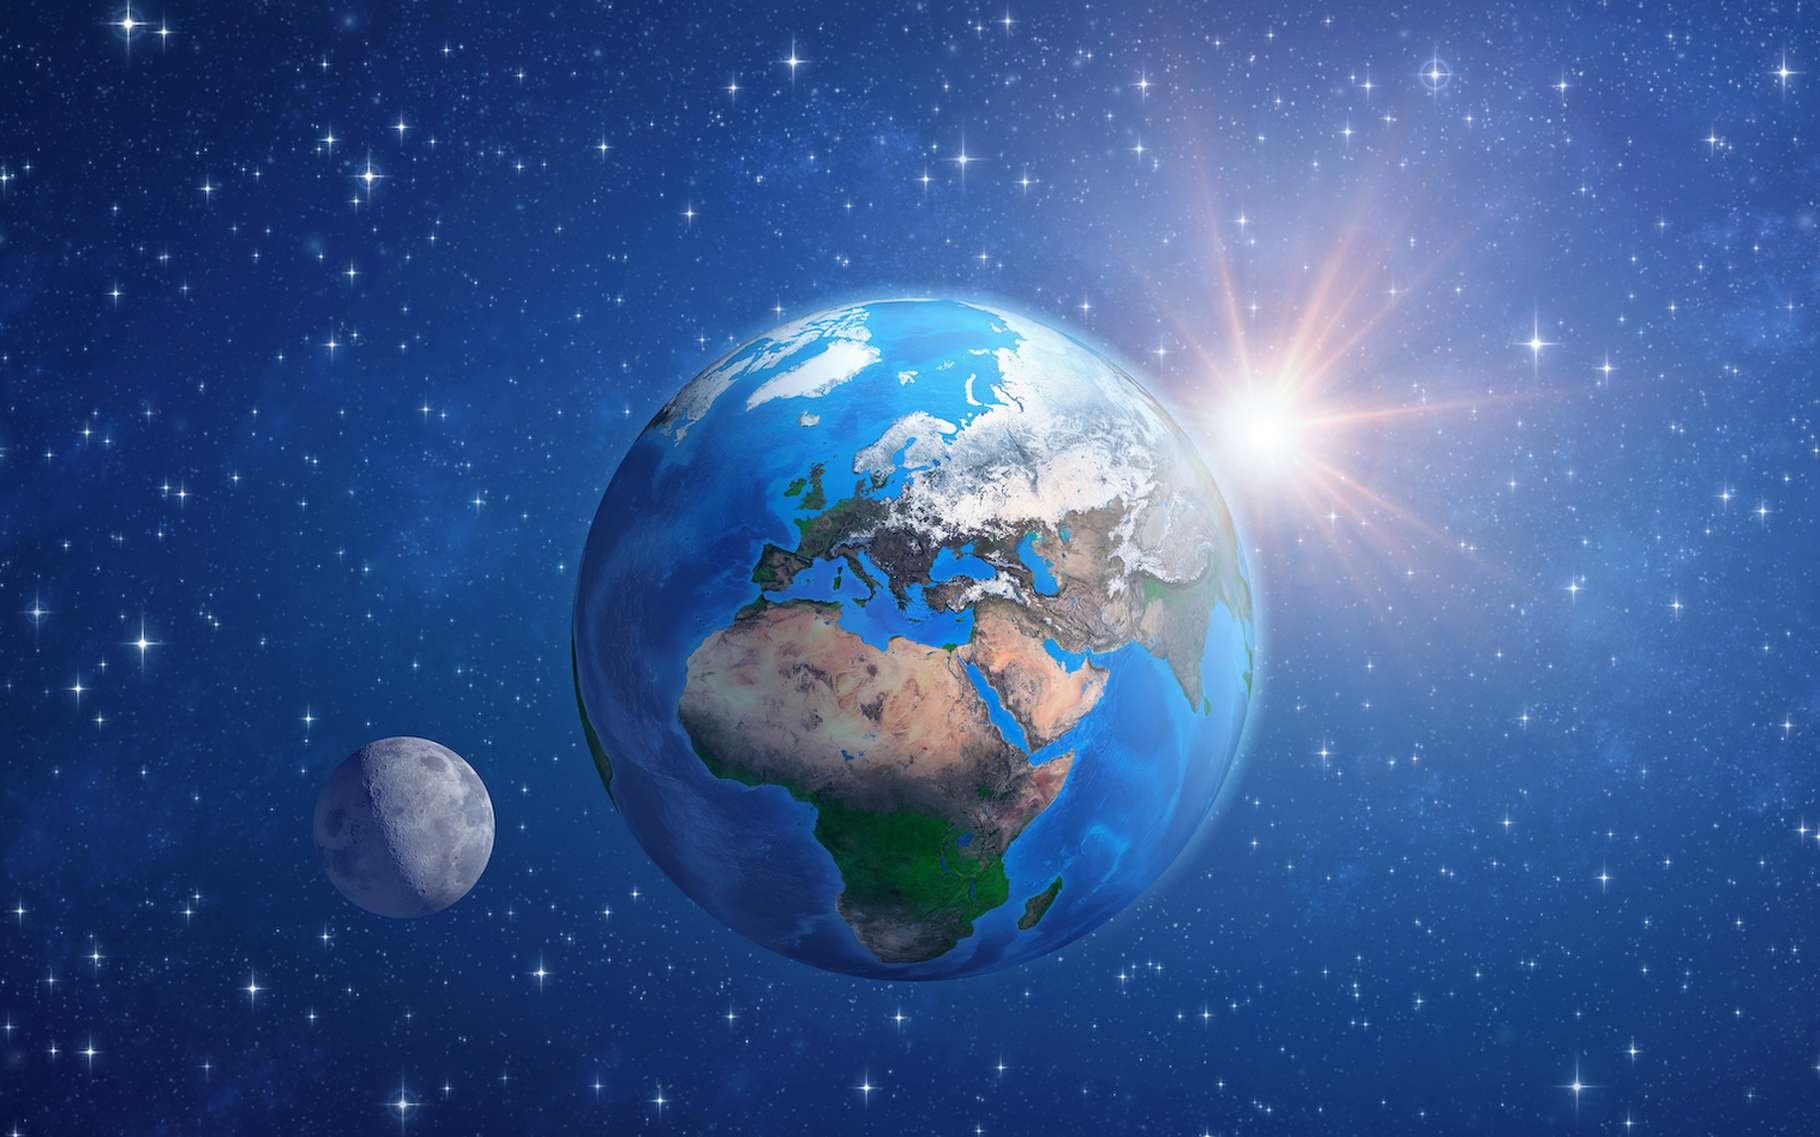 Le problème des trois corps est sans doute la plus ancienne question ouverte en astrophysique. Il a résisté à une solution analytique générale pendant des siècles. Aujourd'hui, des chercheurs en proposent une solution statistique. © mozZz, Adobe Stock